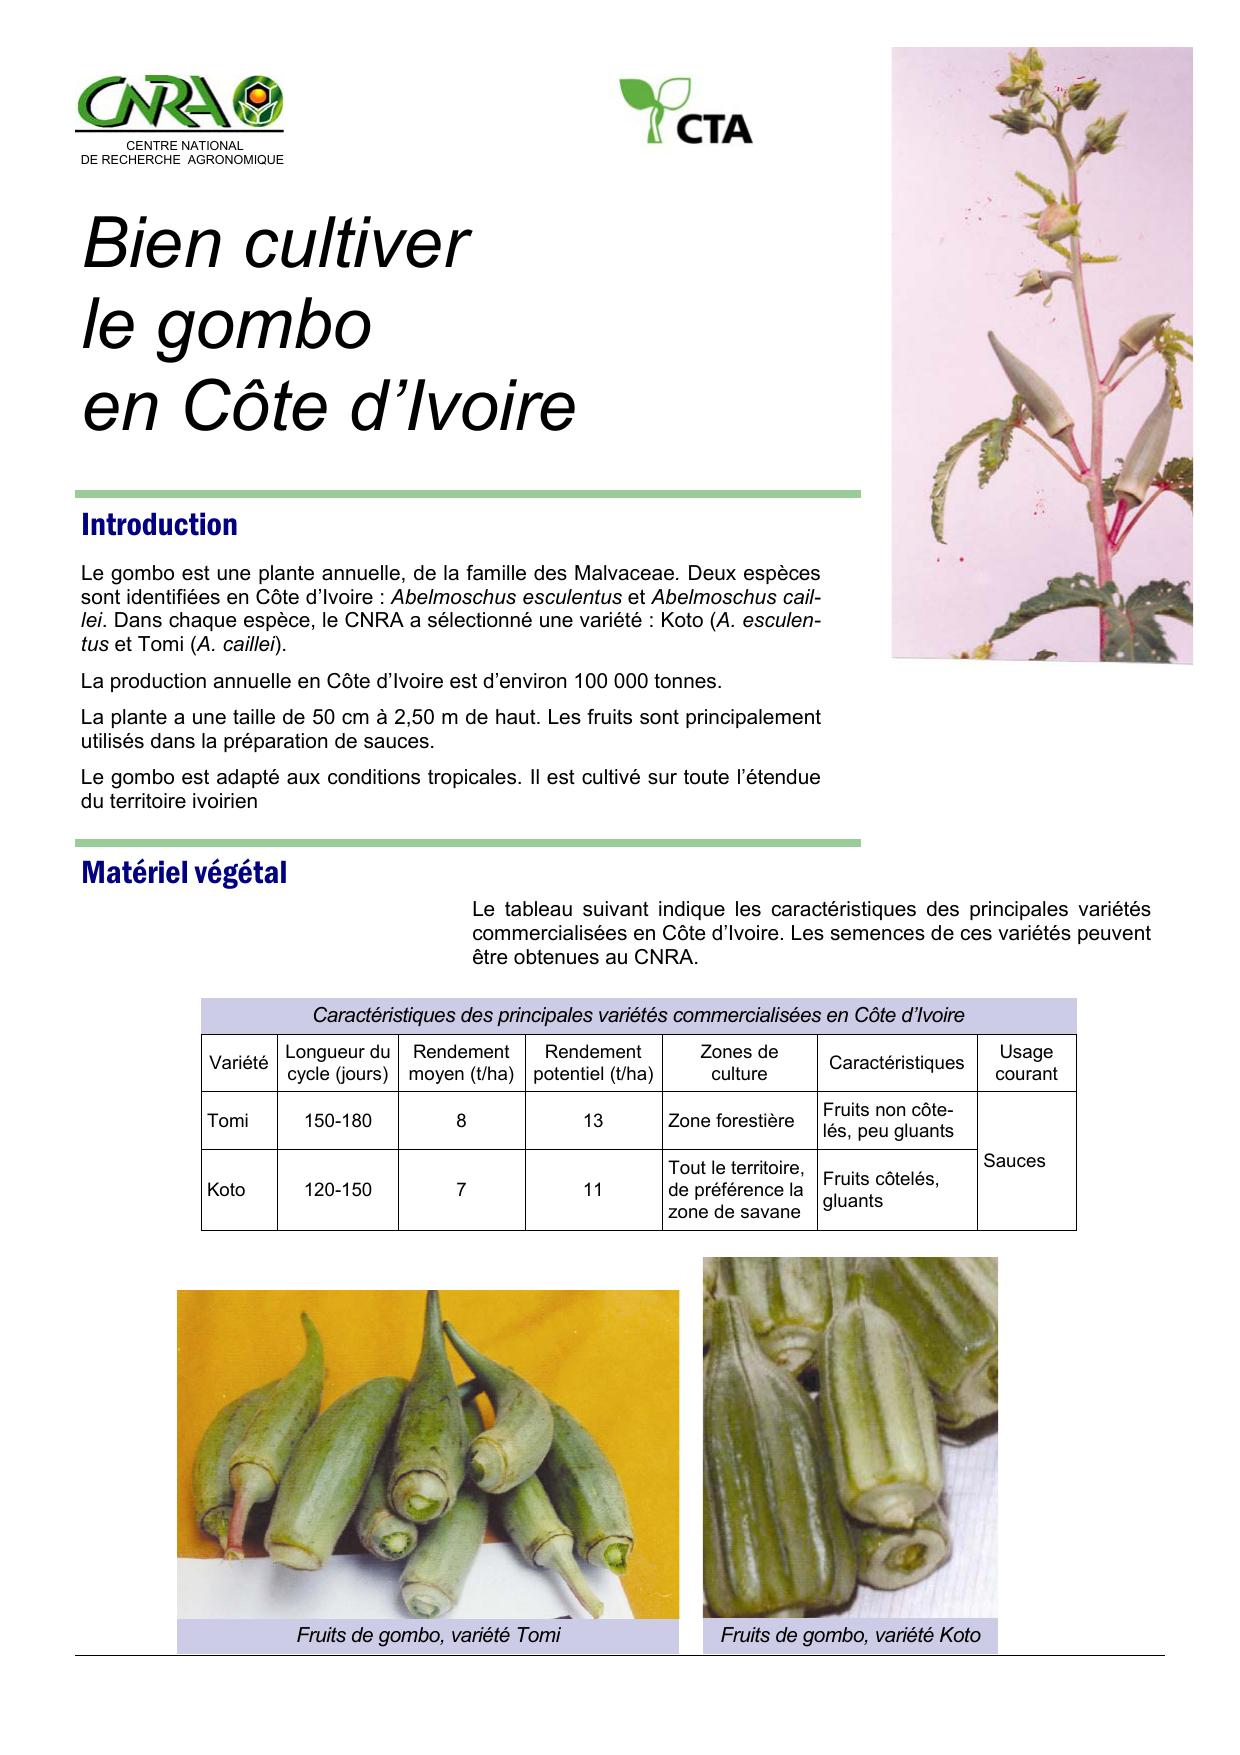 Bien cultiver le gombo en Côte d'Ivoire Introduction